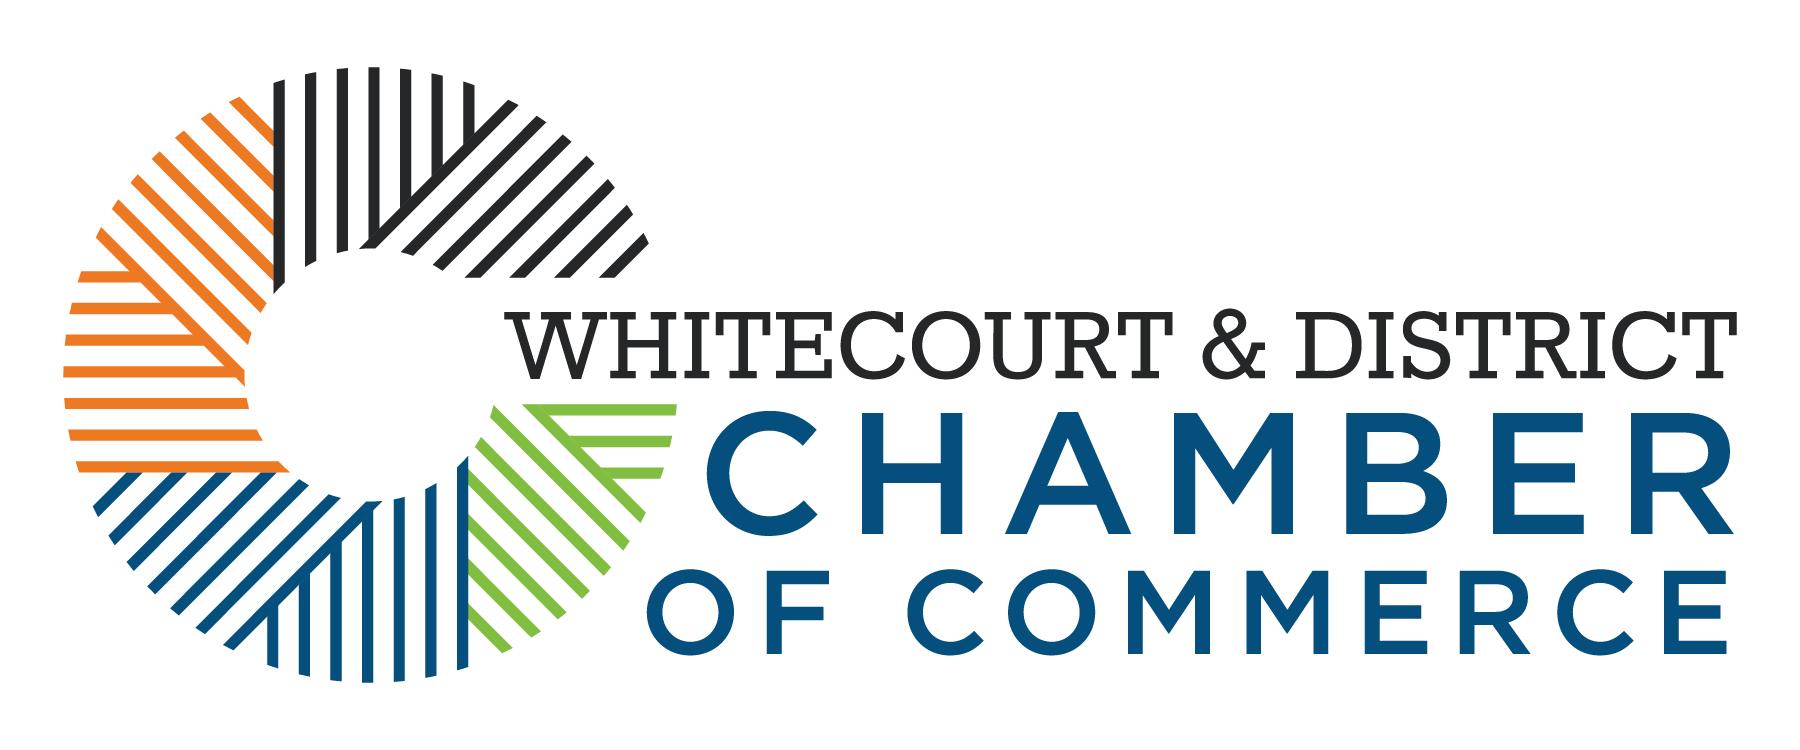 WDChamber-Logo-FullColour-light